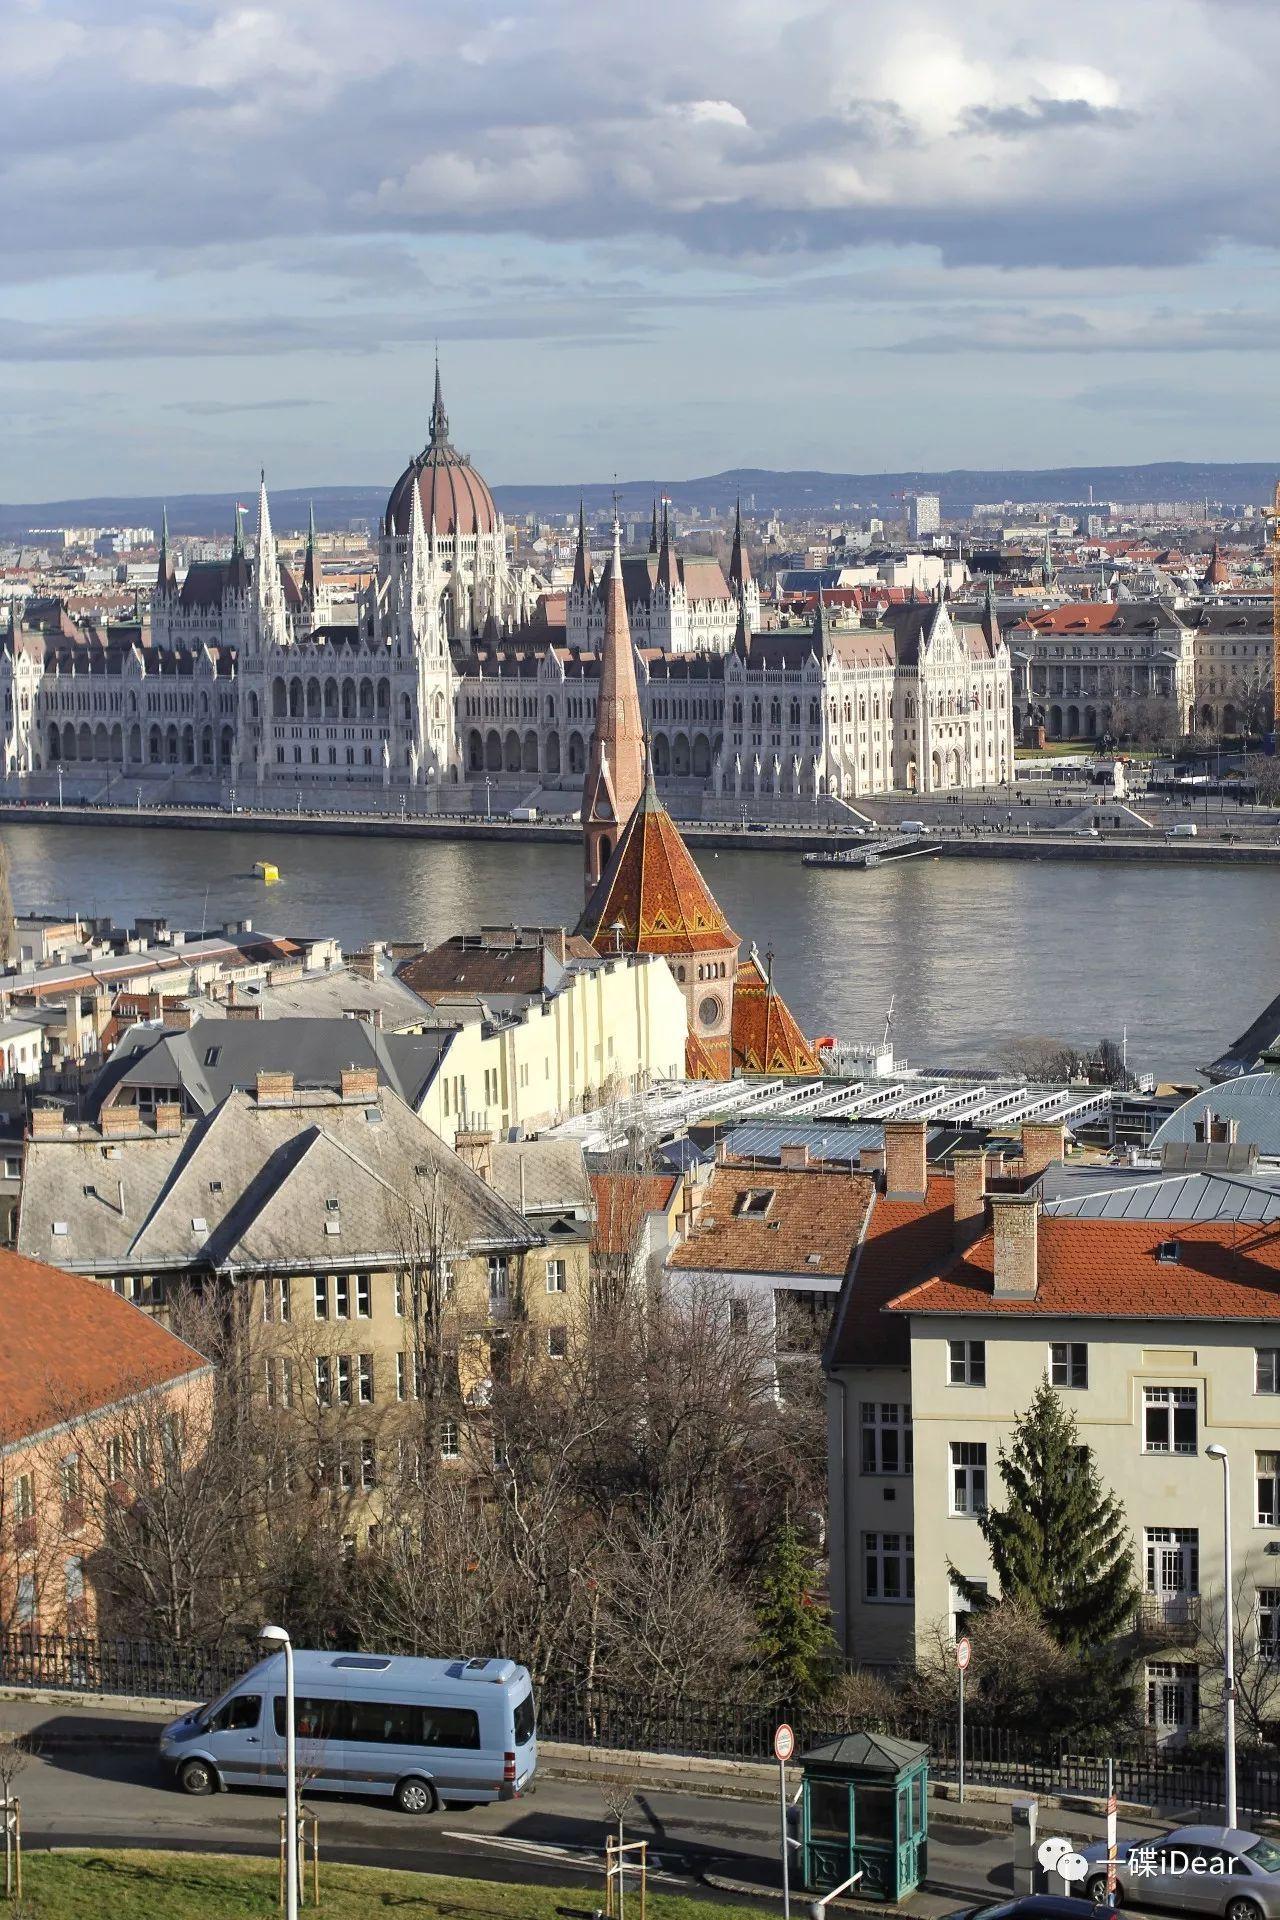 布达佩斯,短暂的日与夜